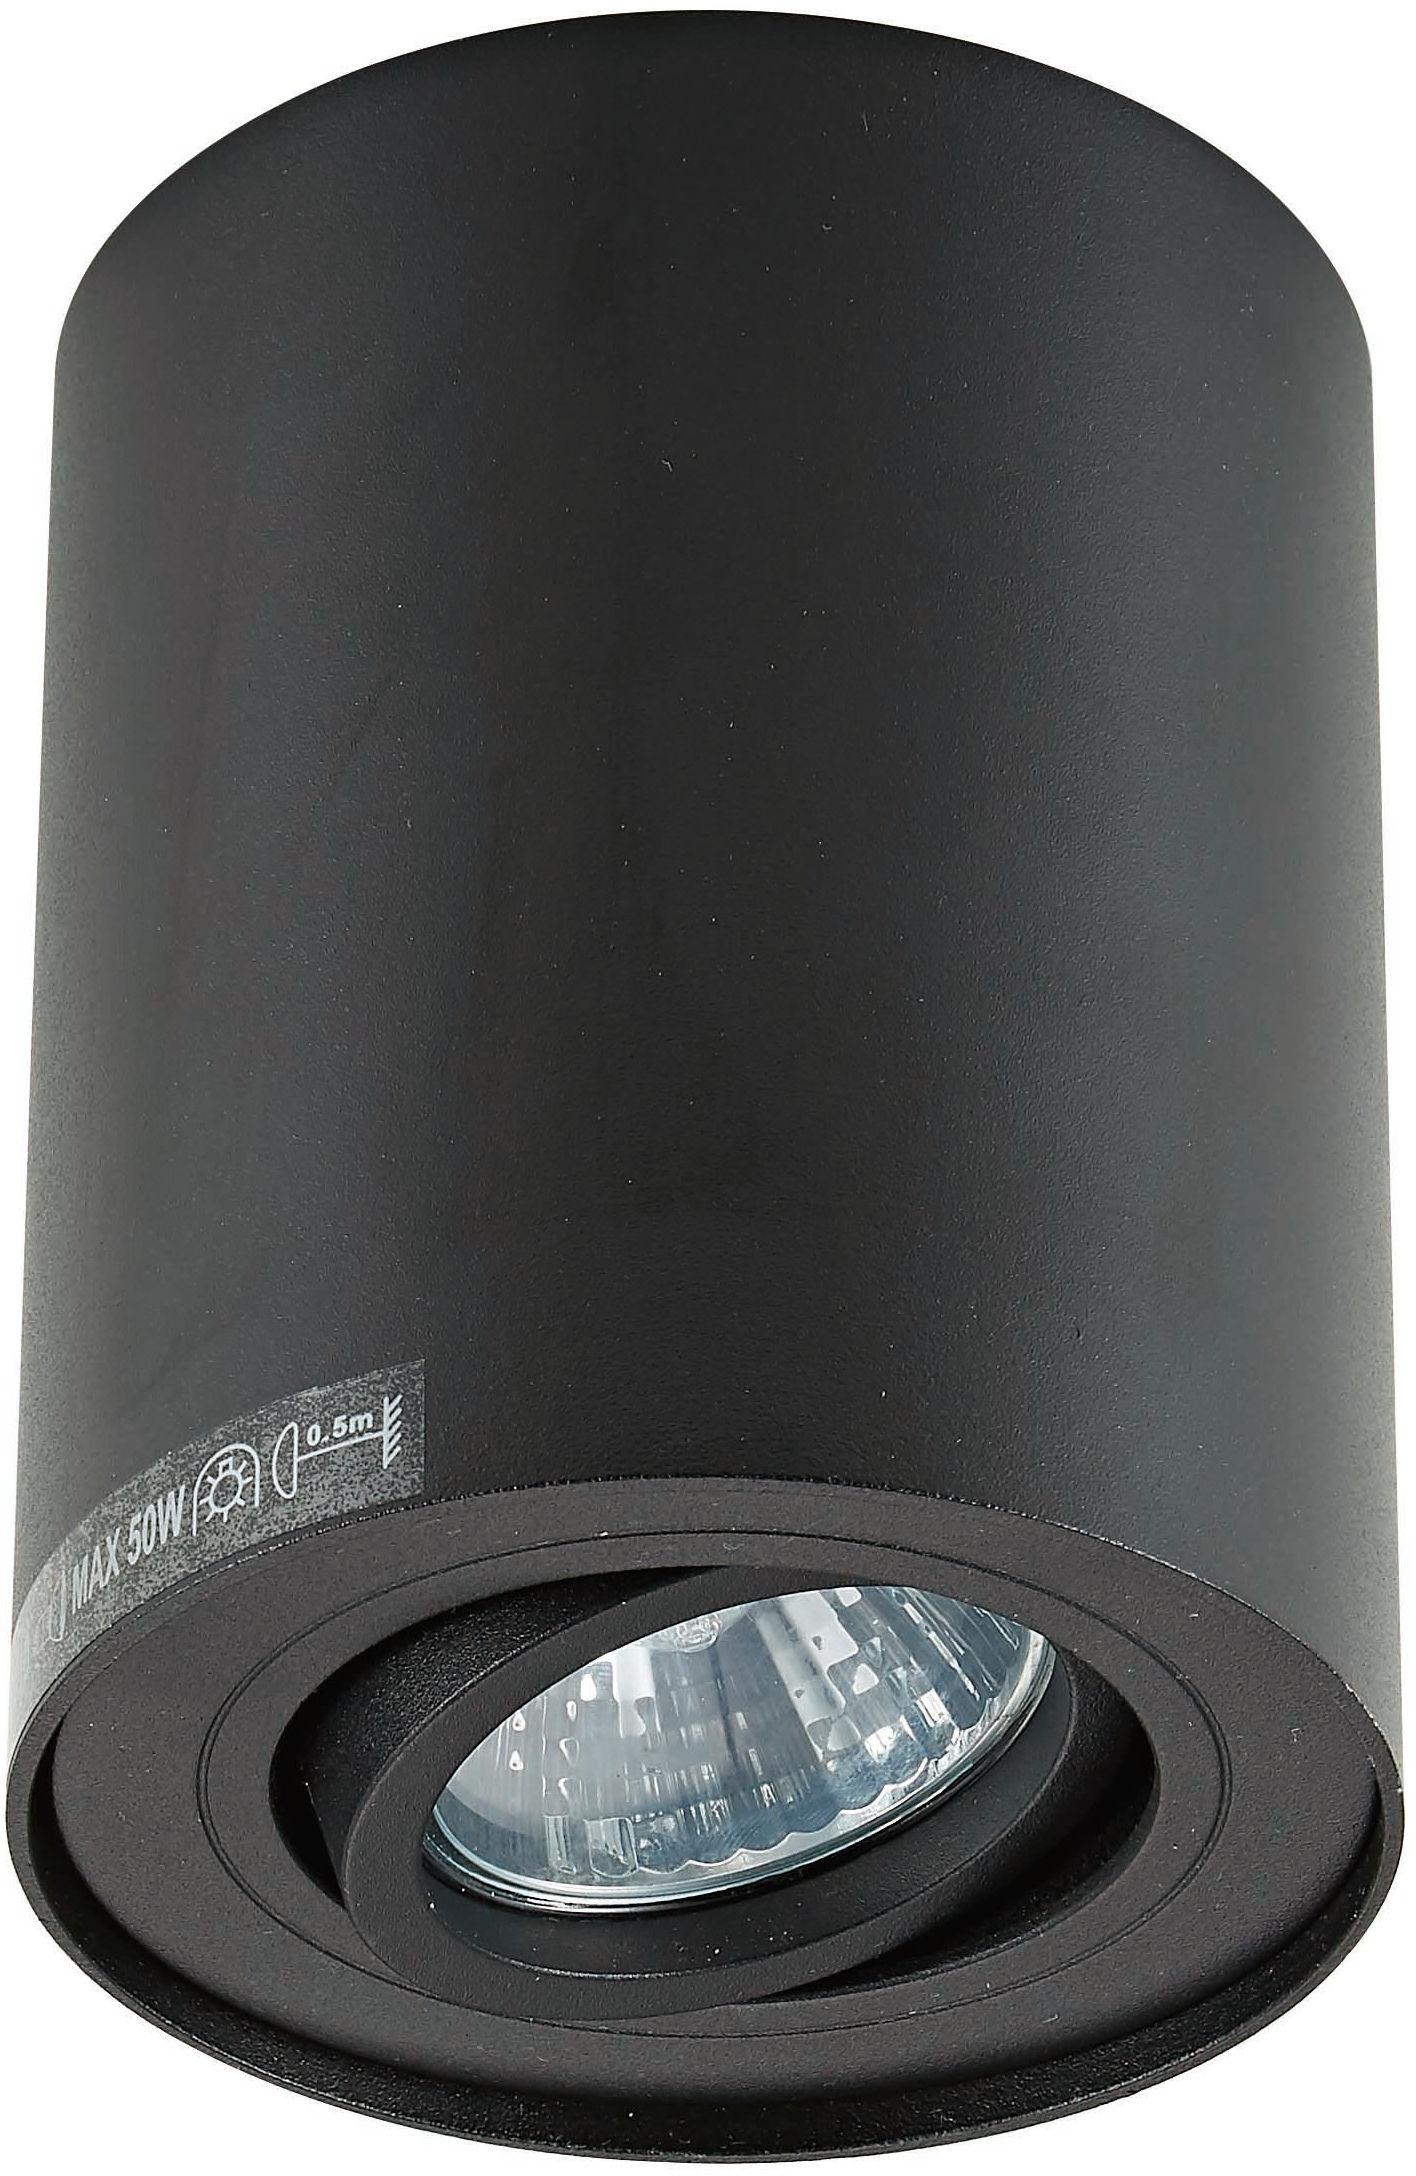 Lampa sufitowa RONDOC SL 1 20038-BK Zuma Line  SPRAWDŹ RABATY  5-10-15-20 % w koszyku